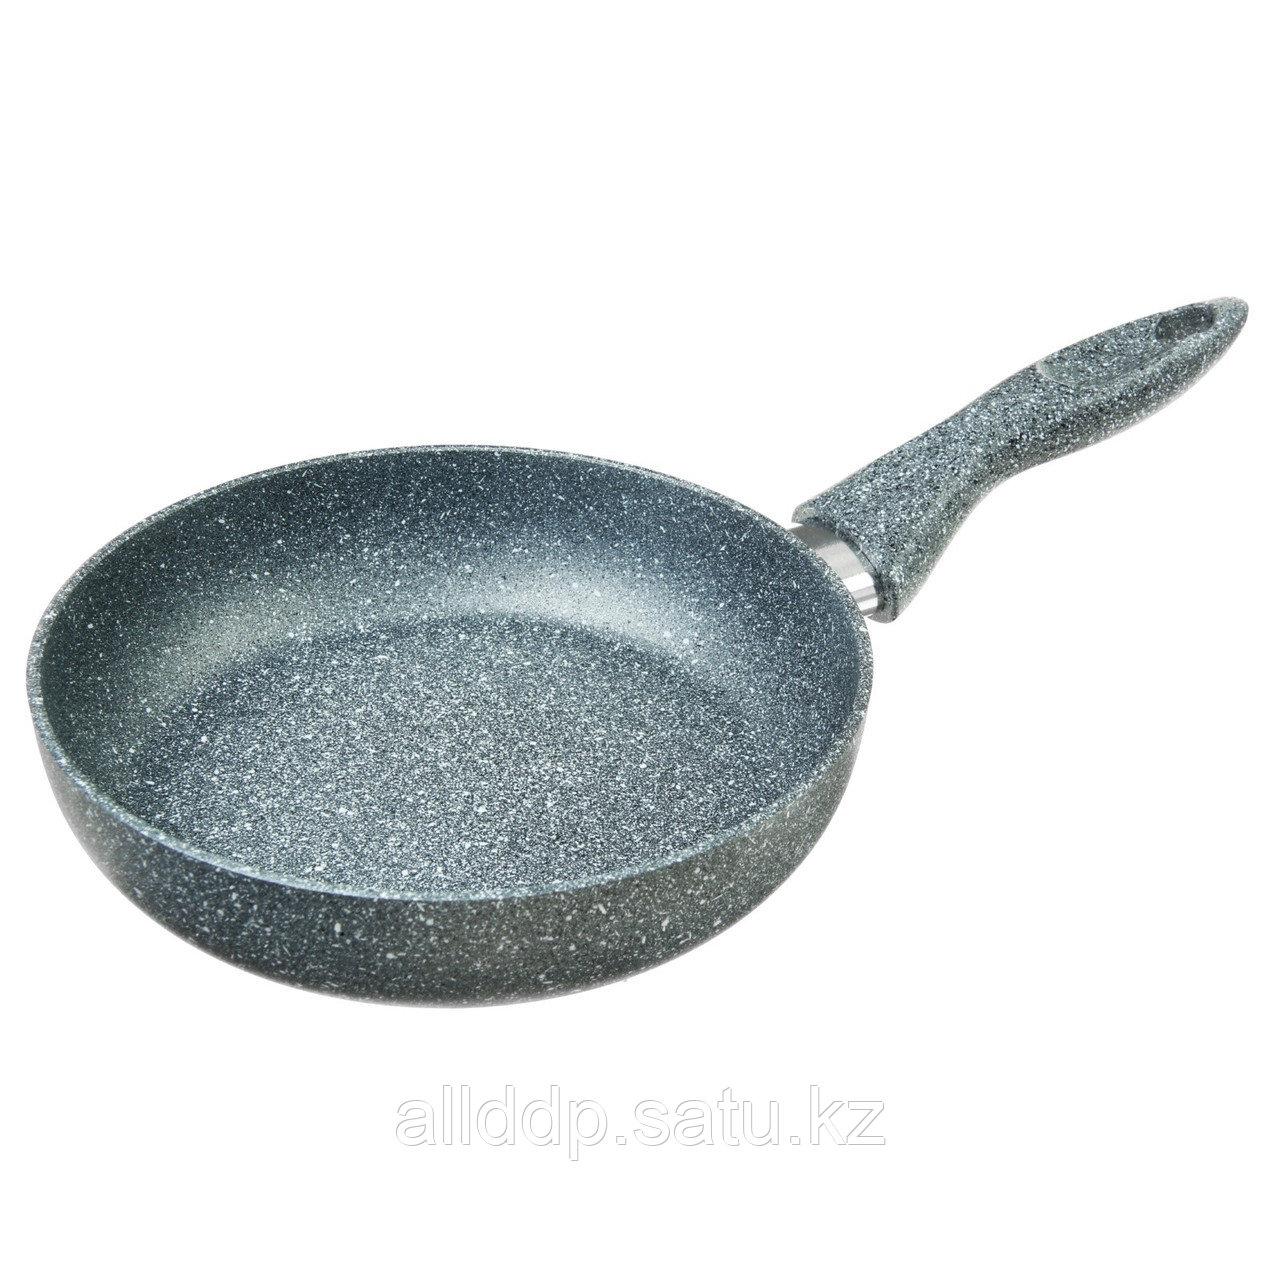 ST-004 Сковорода Stone Pan  d260 МРС